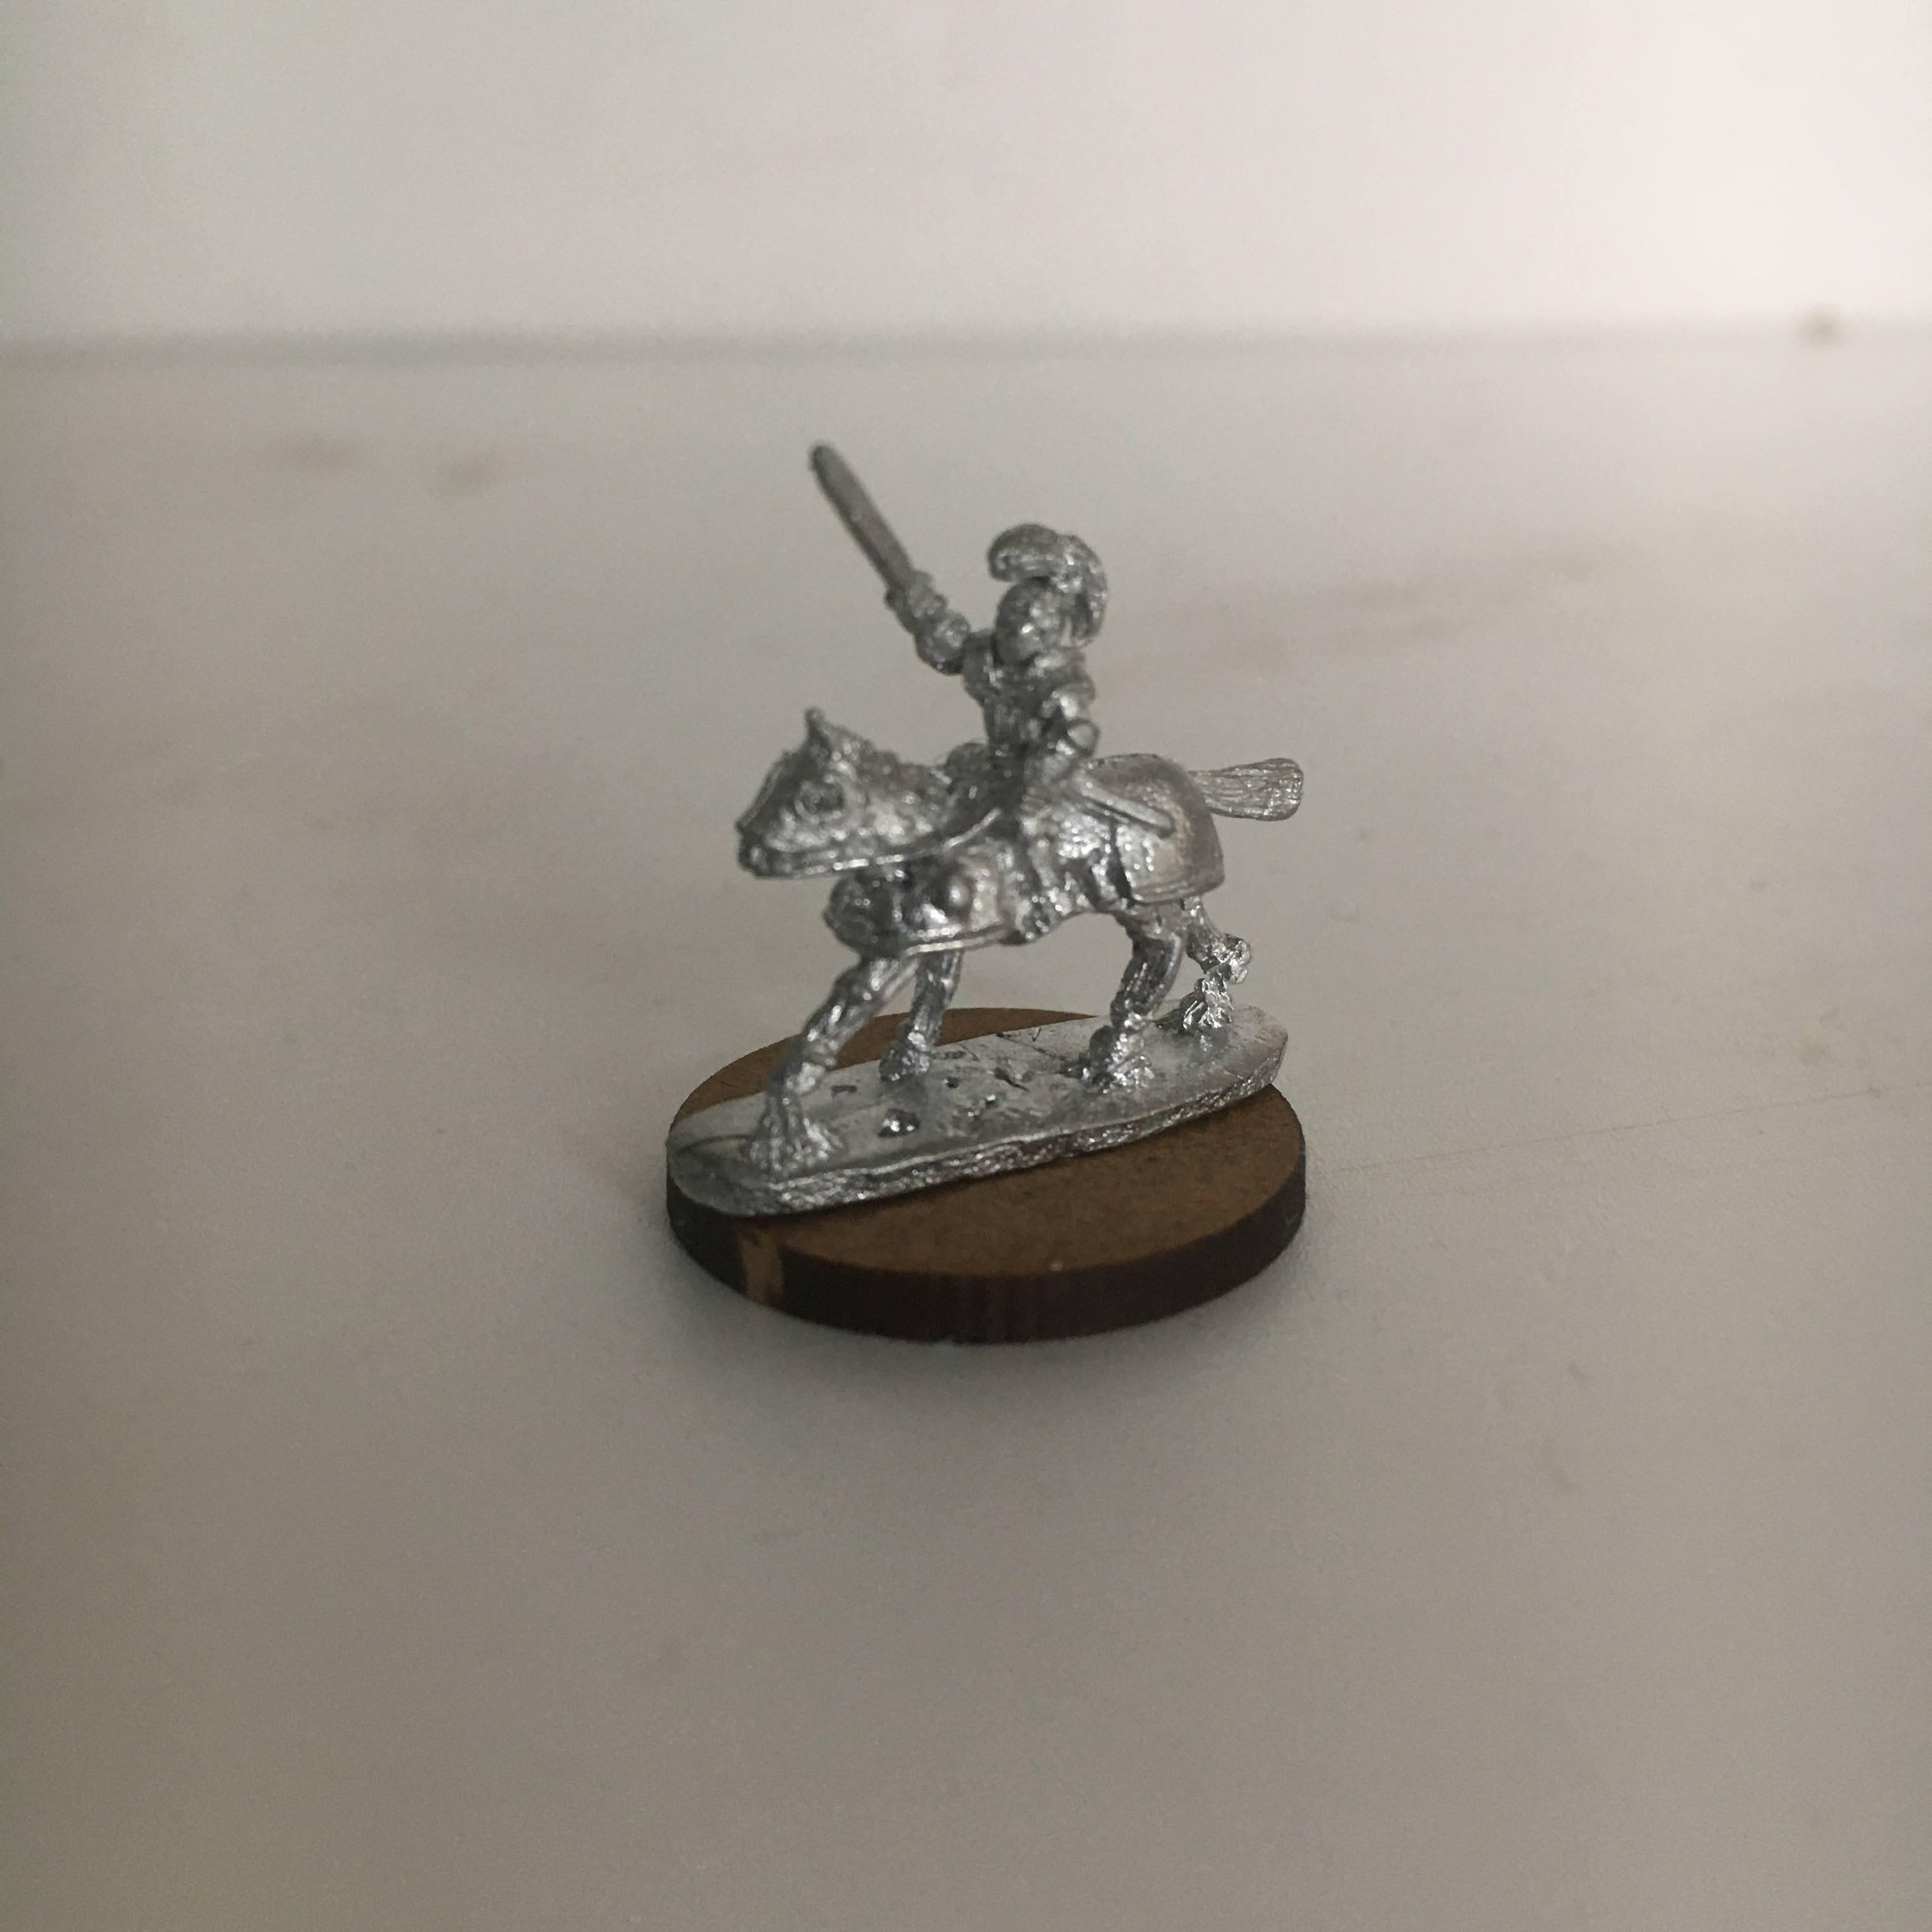 miniature knight on horse